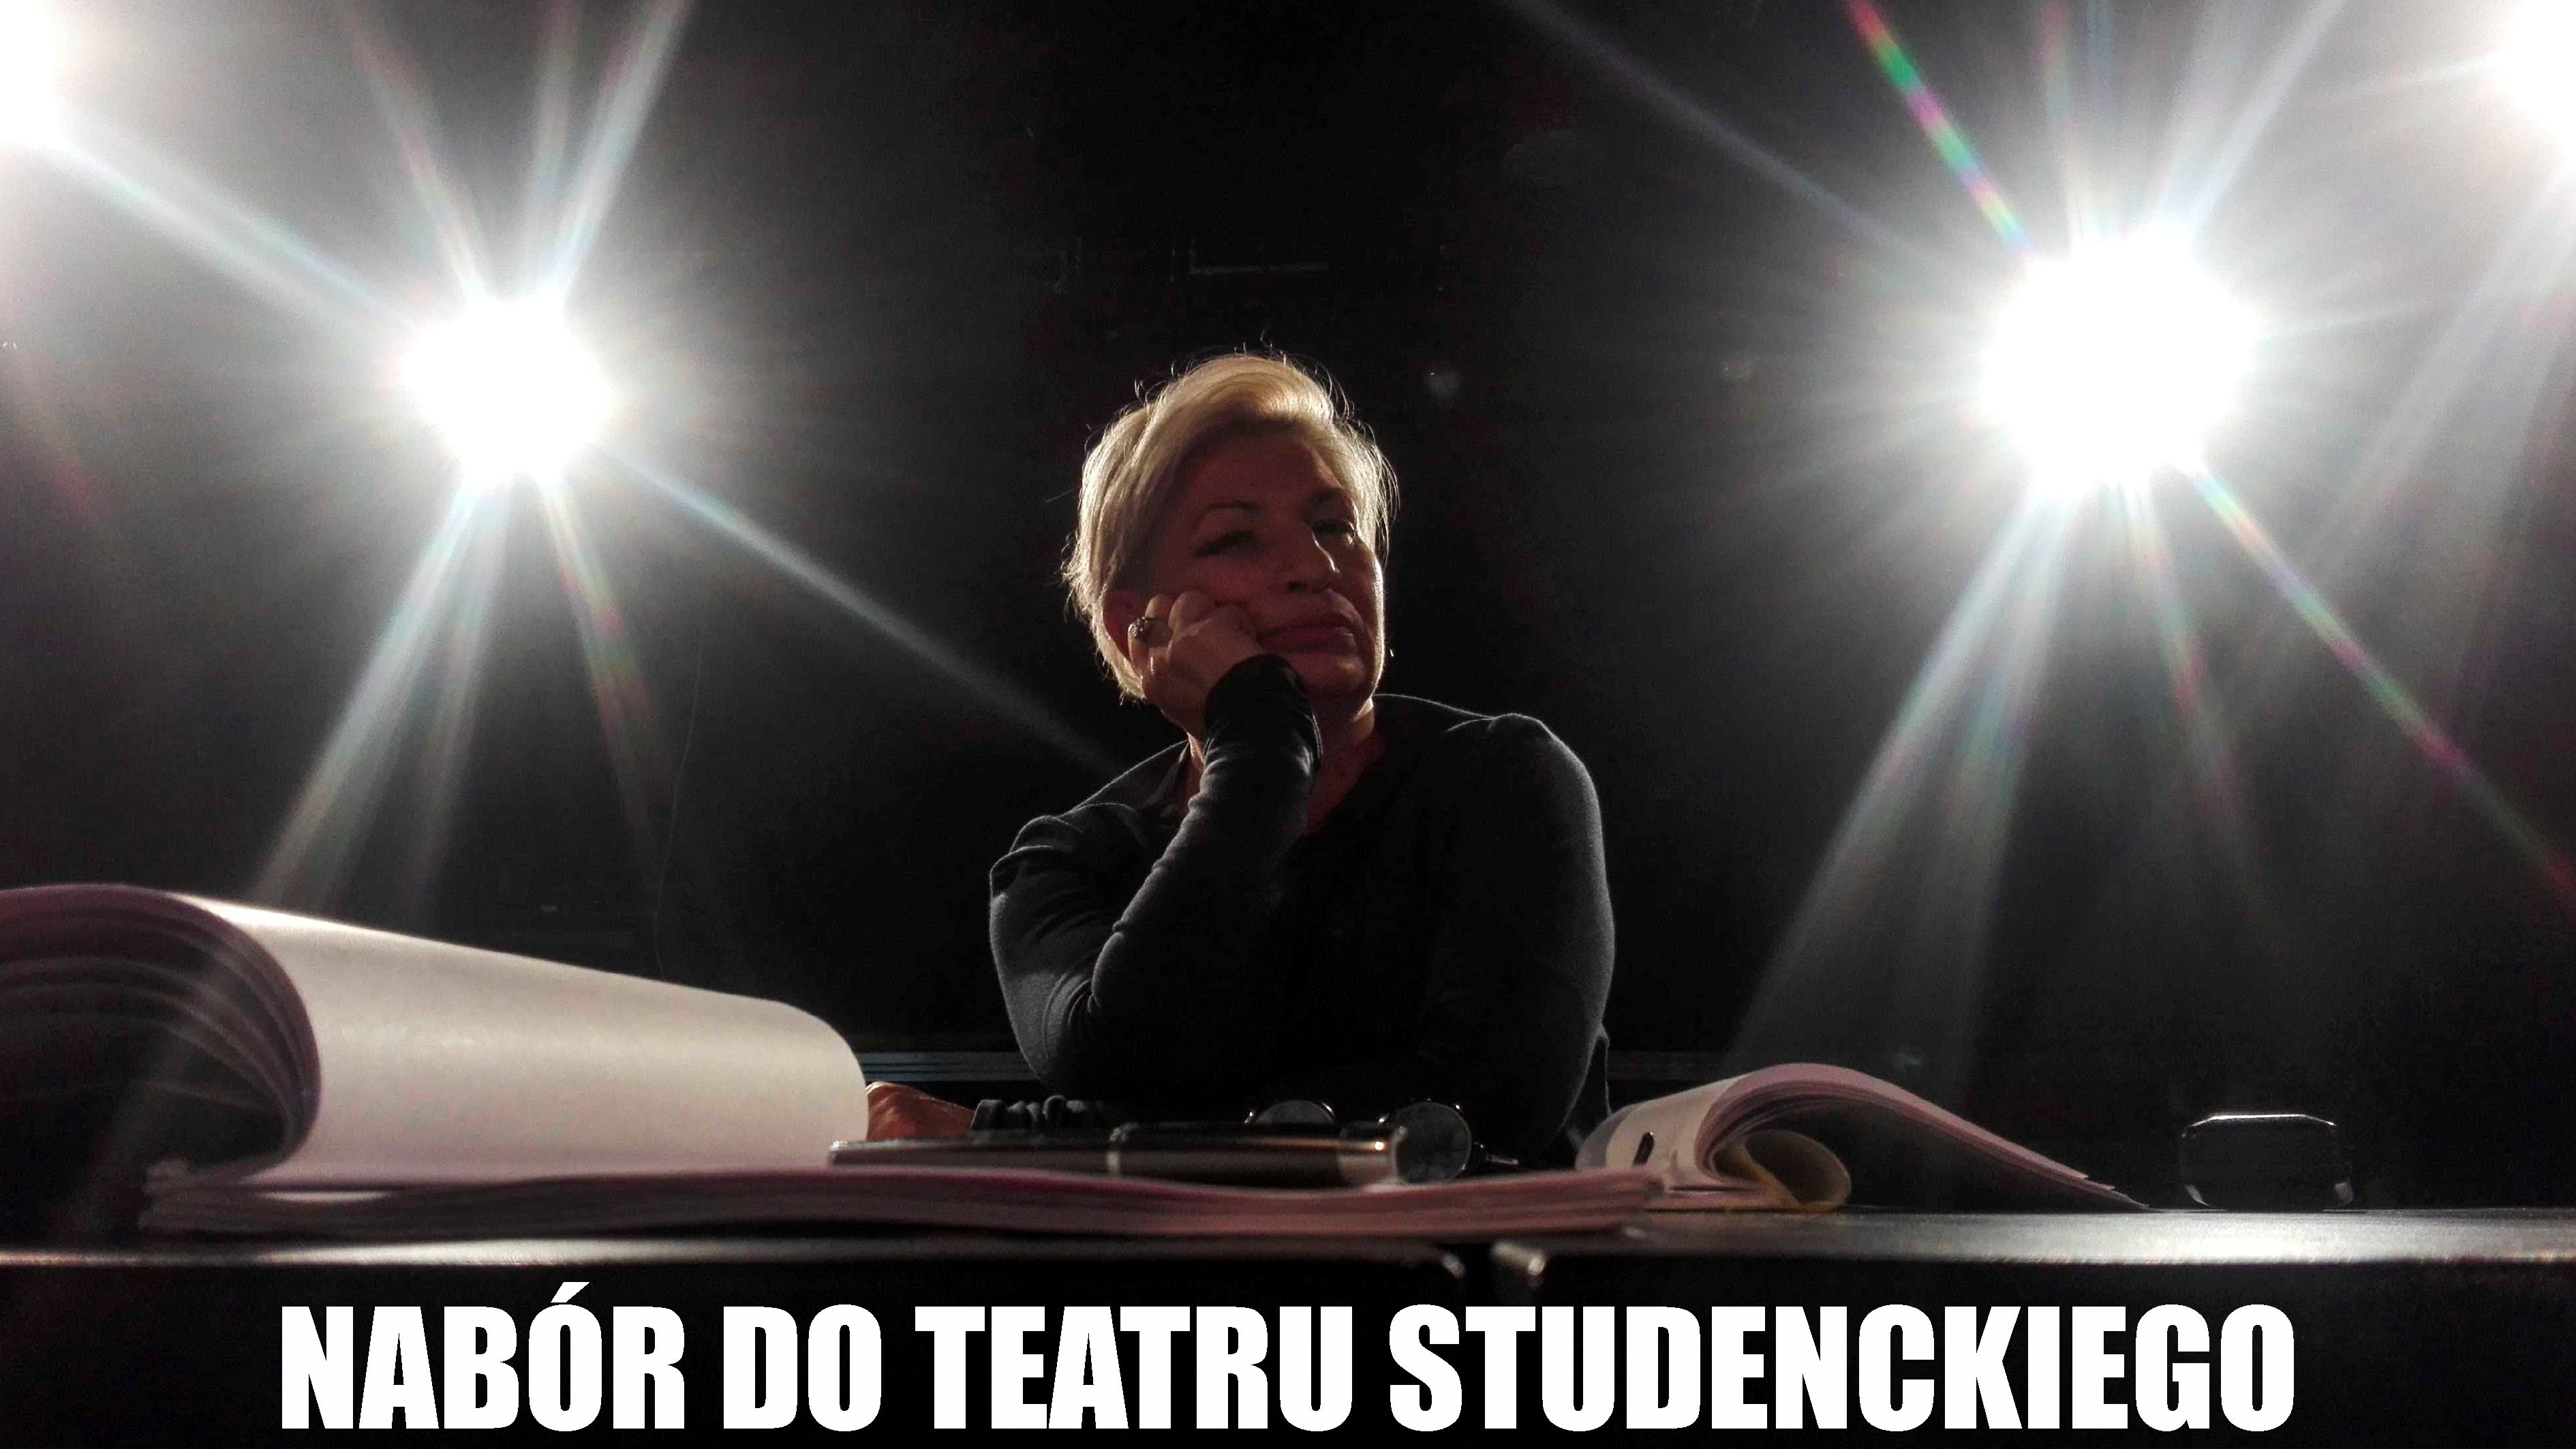 Nabór do teatru studenckiego Gdynia Główna